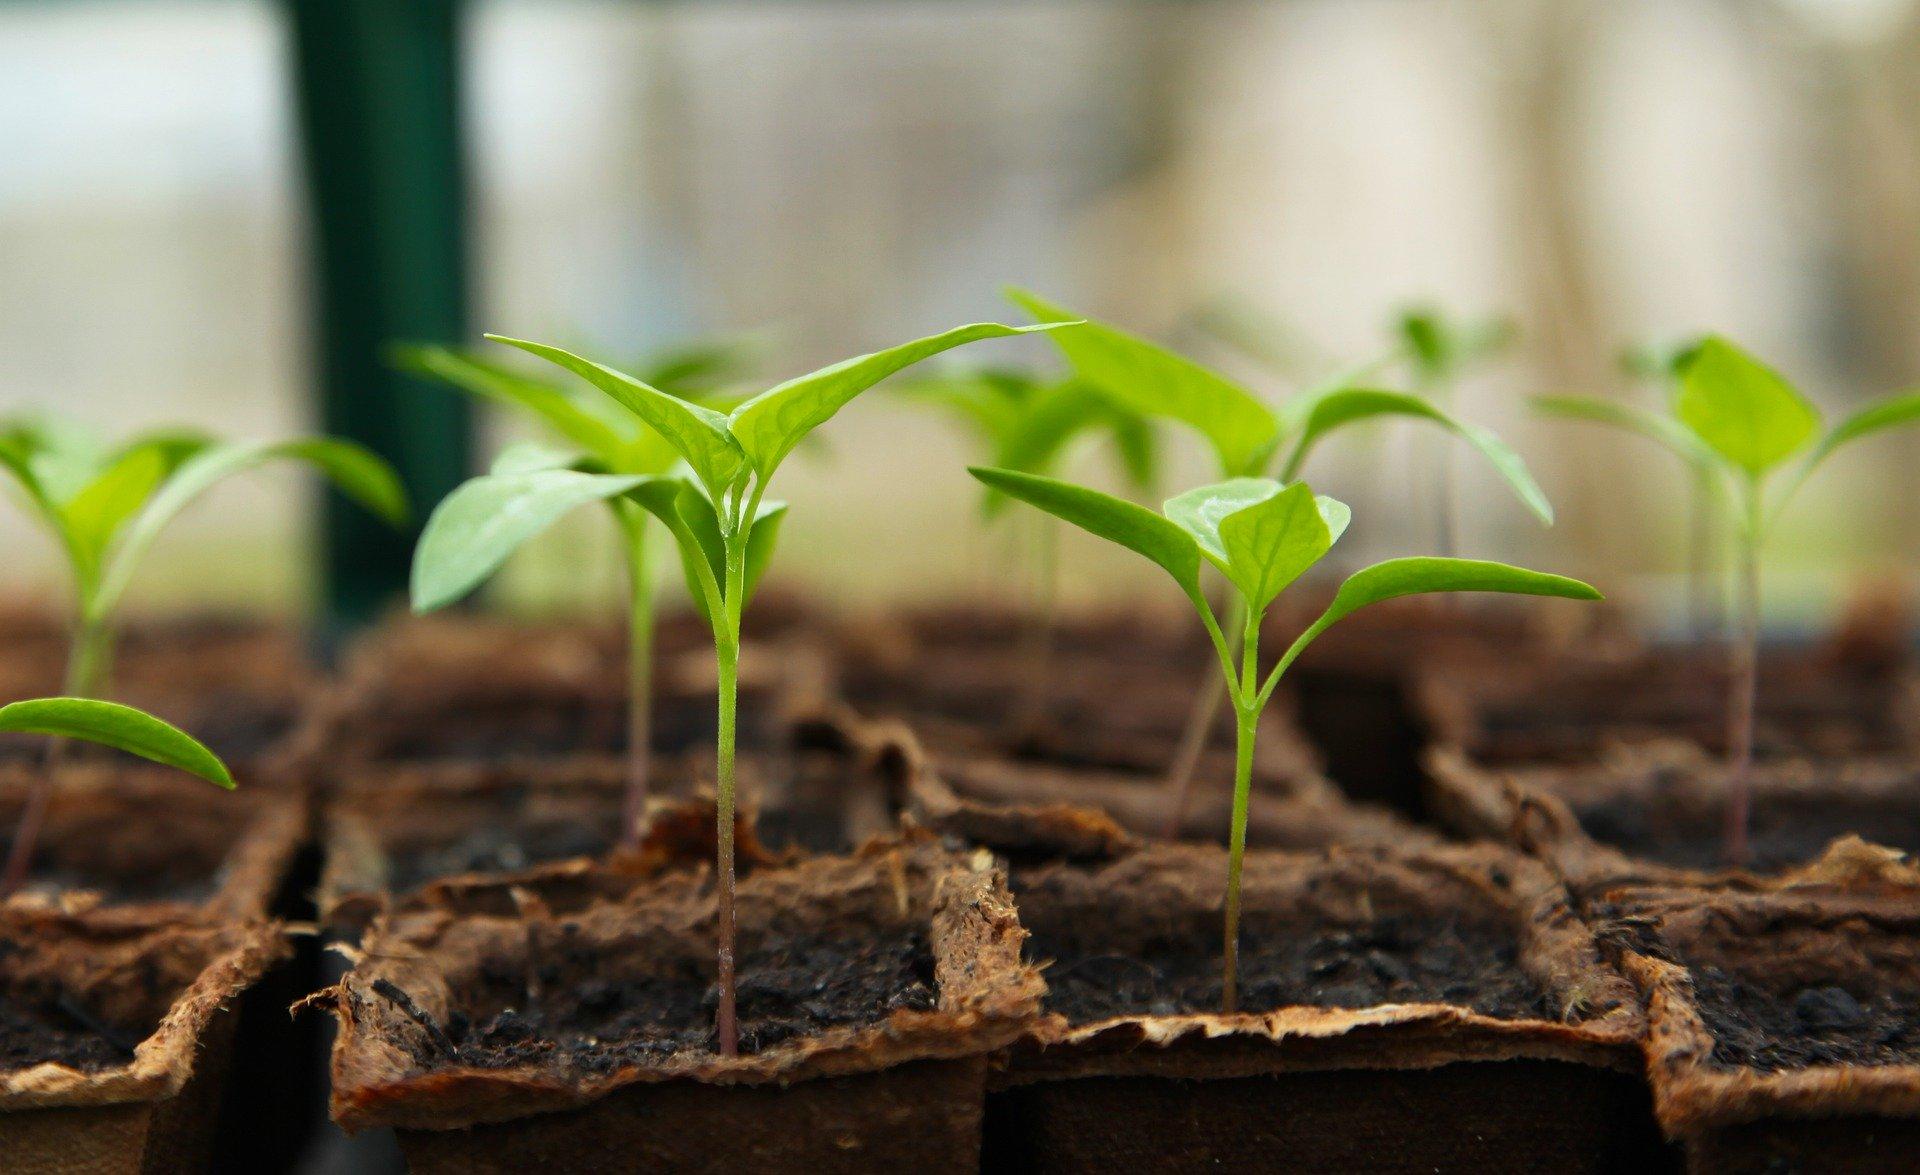 La collecte de biodéchets et leur valorisation par lombricompostage permet de produire du lombricompost, un amendement aux qualités exceptionnelles !